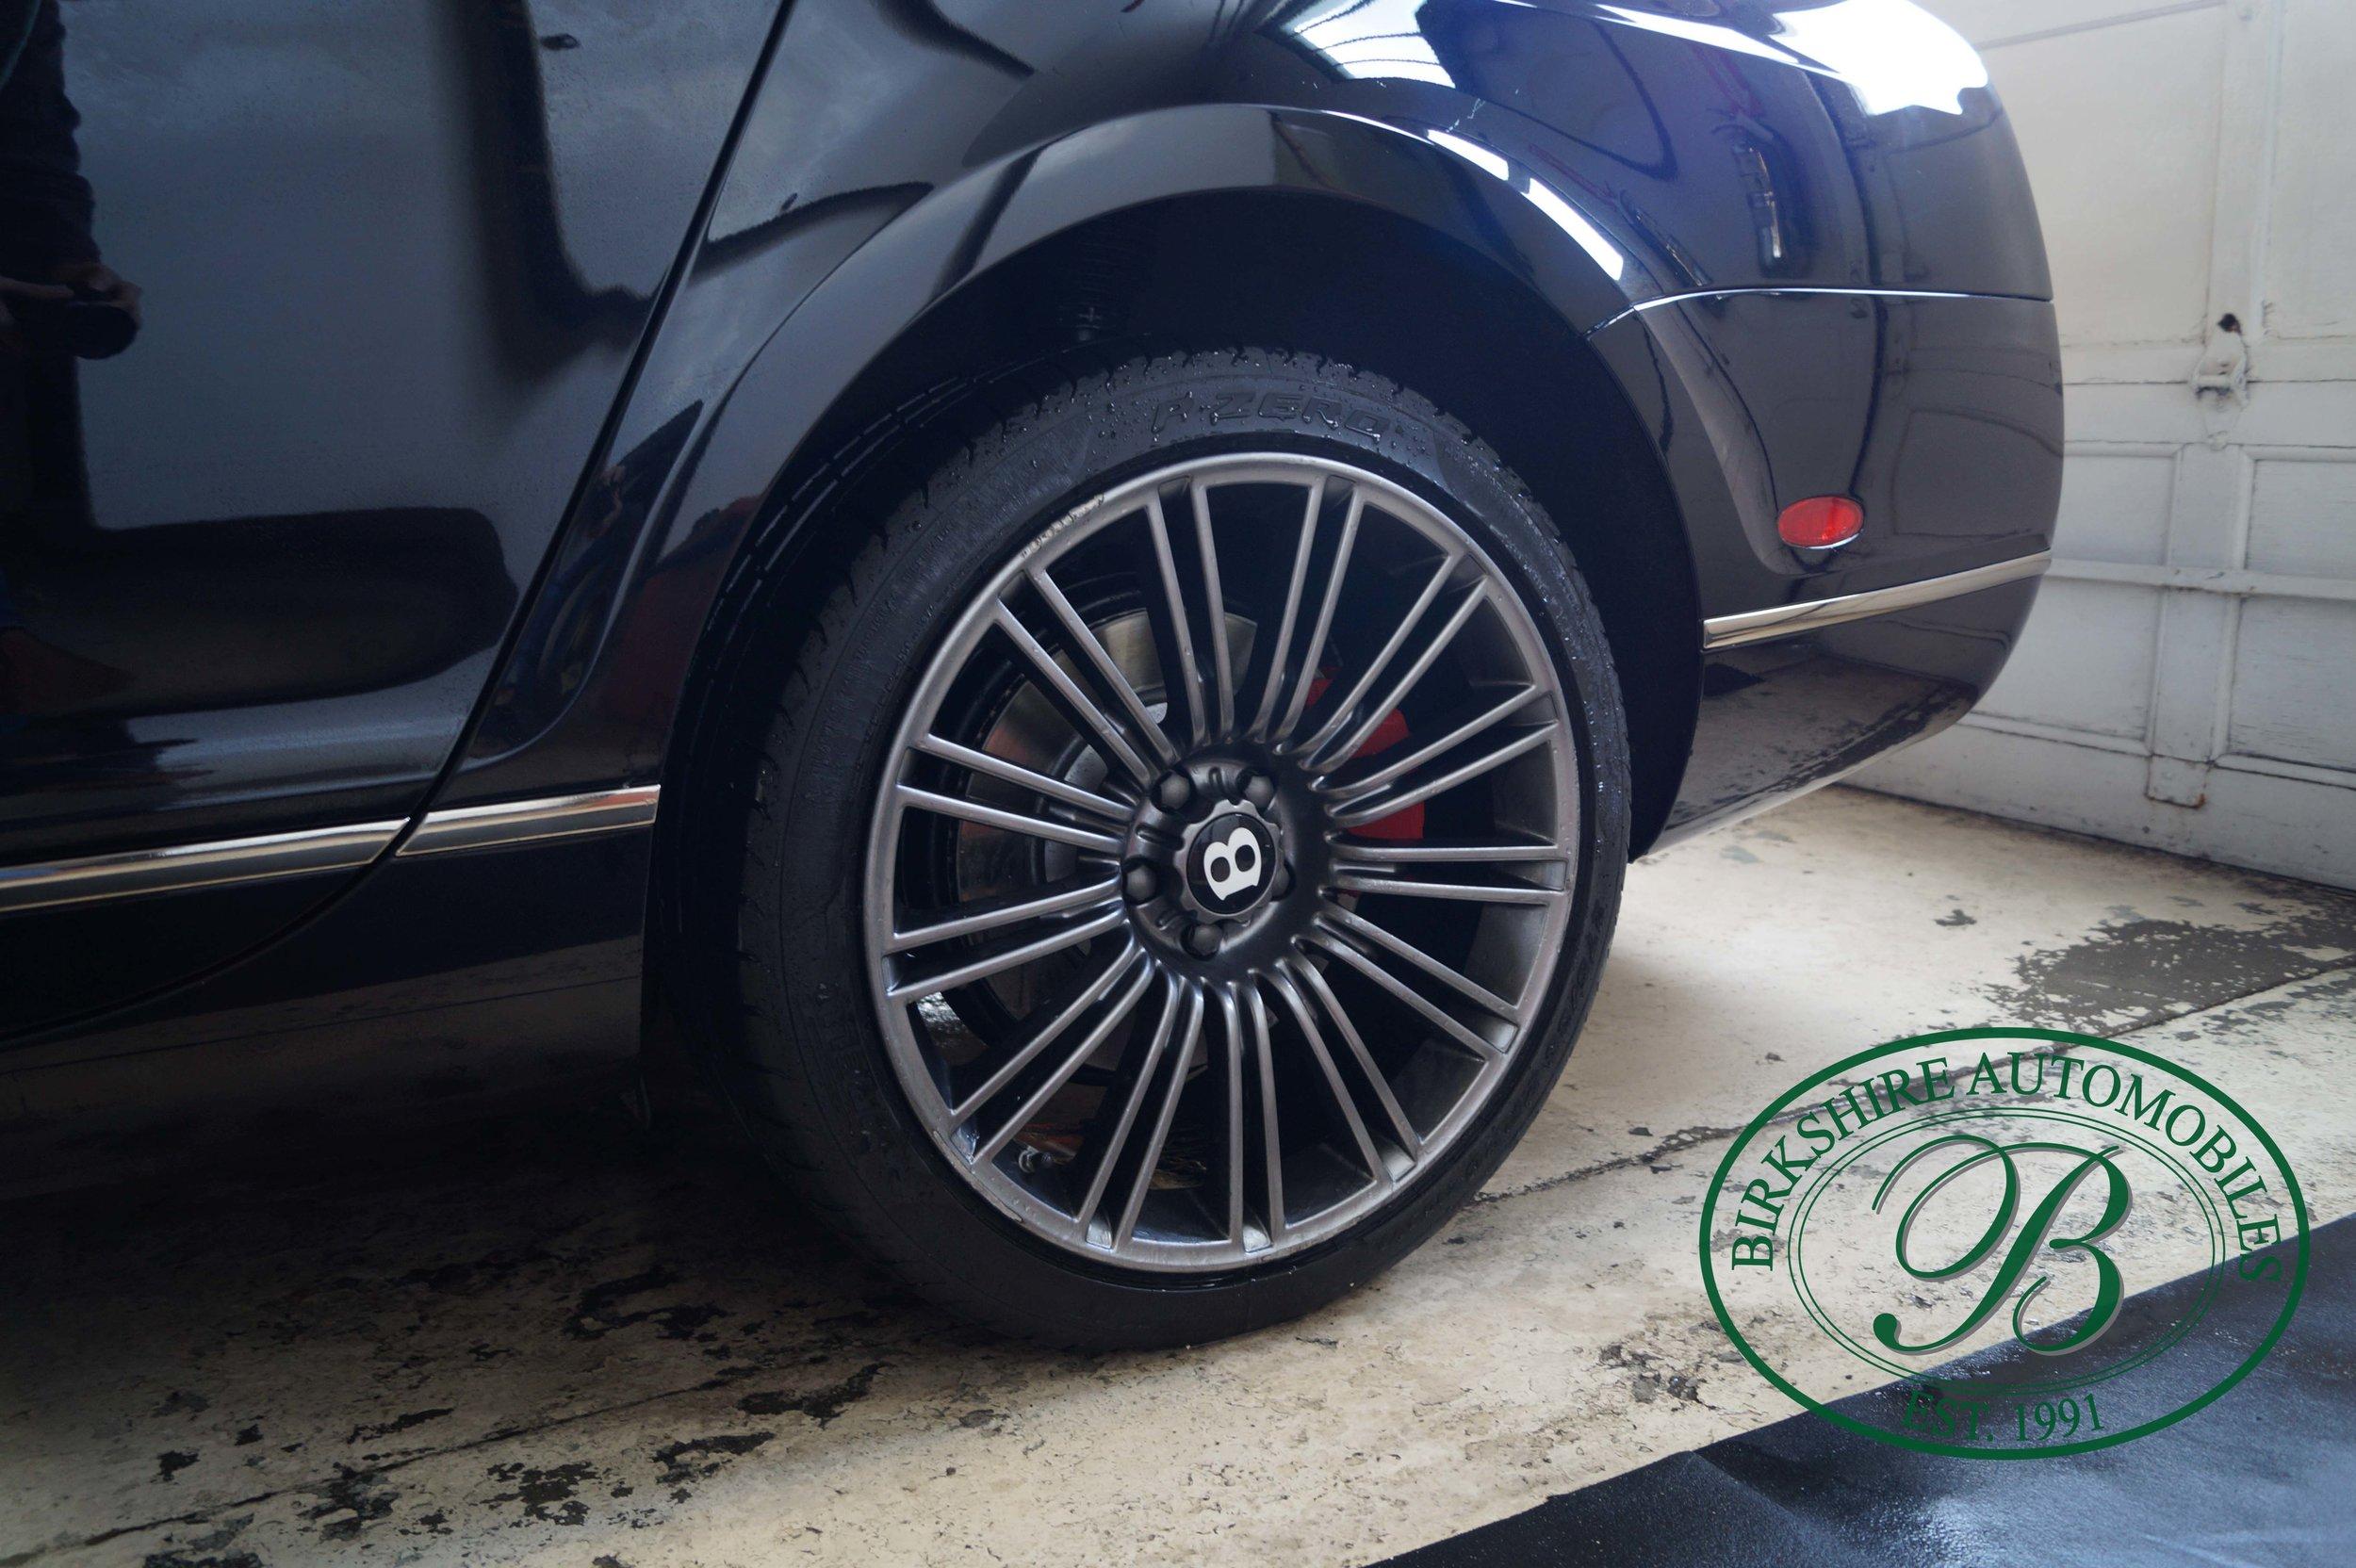 Birkshire Automobiles 2012 Bentley Flying Spur (13).jpg